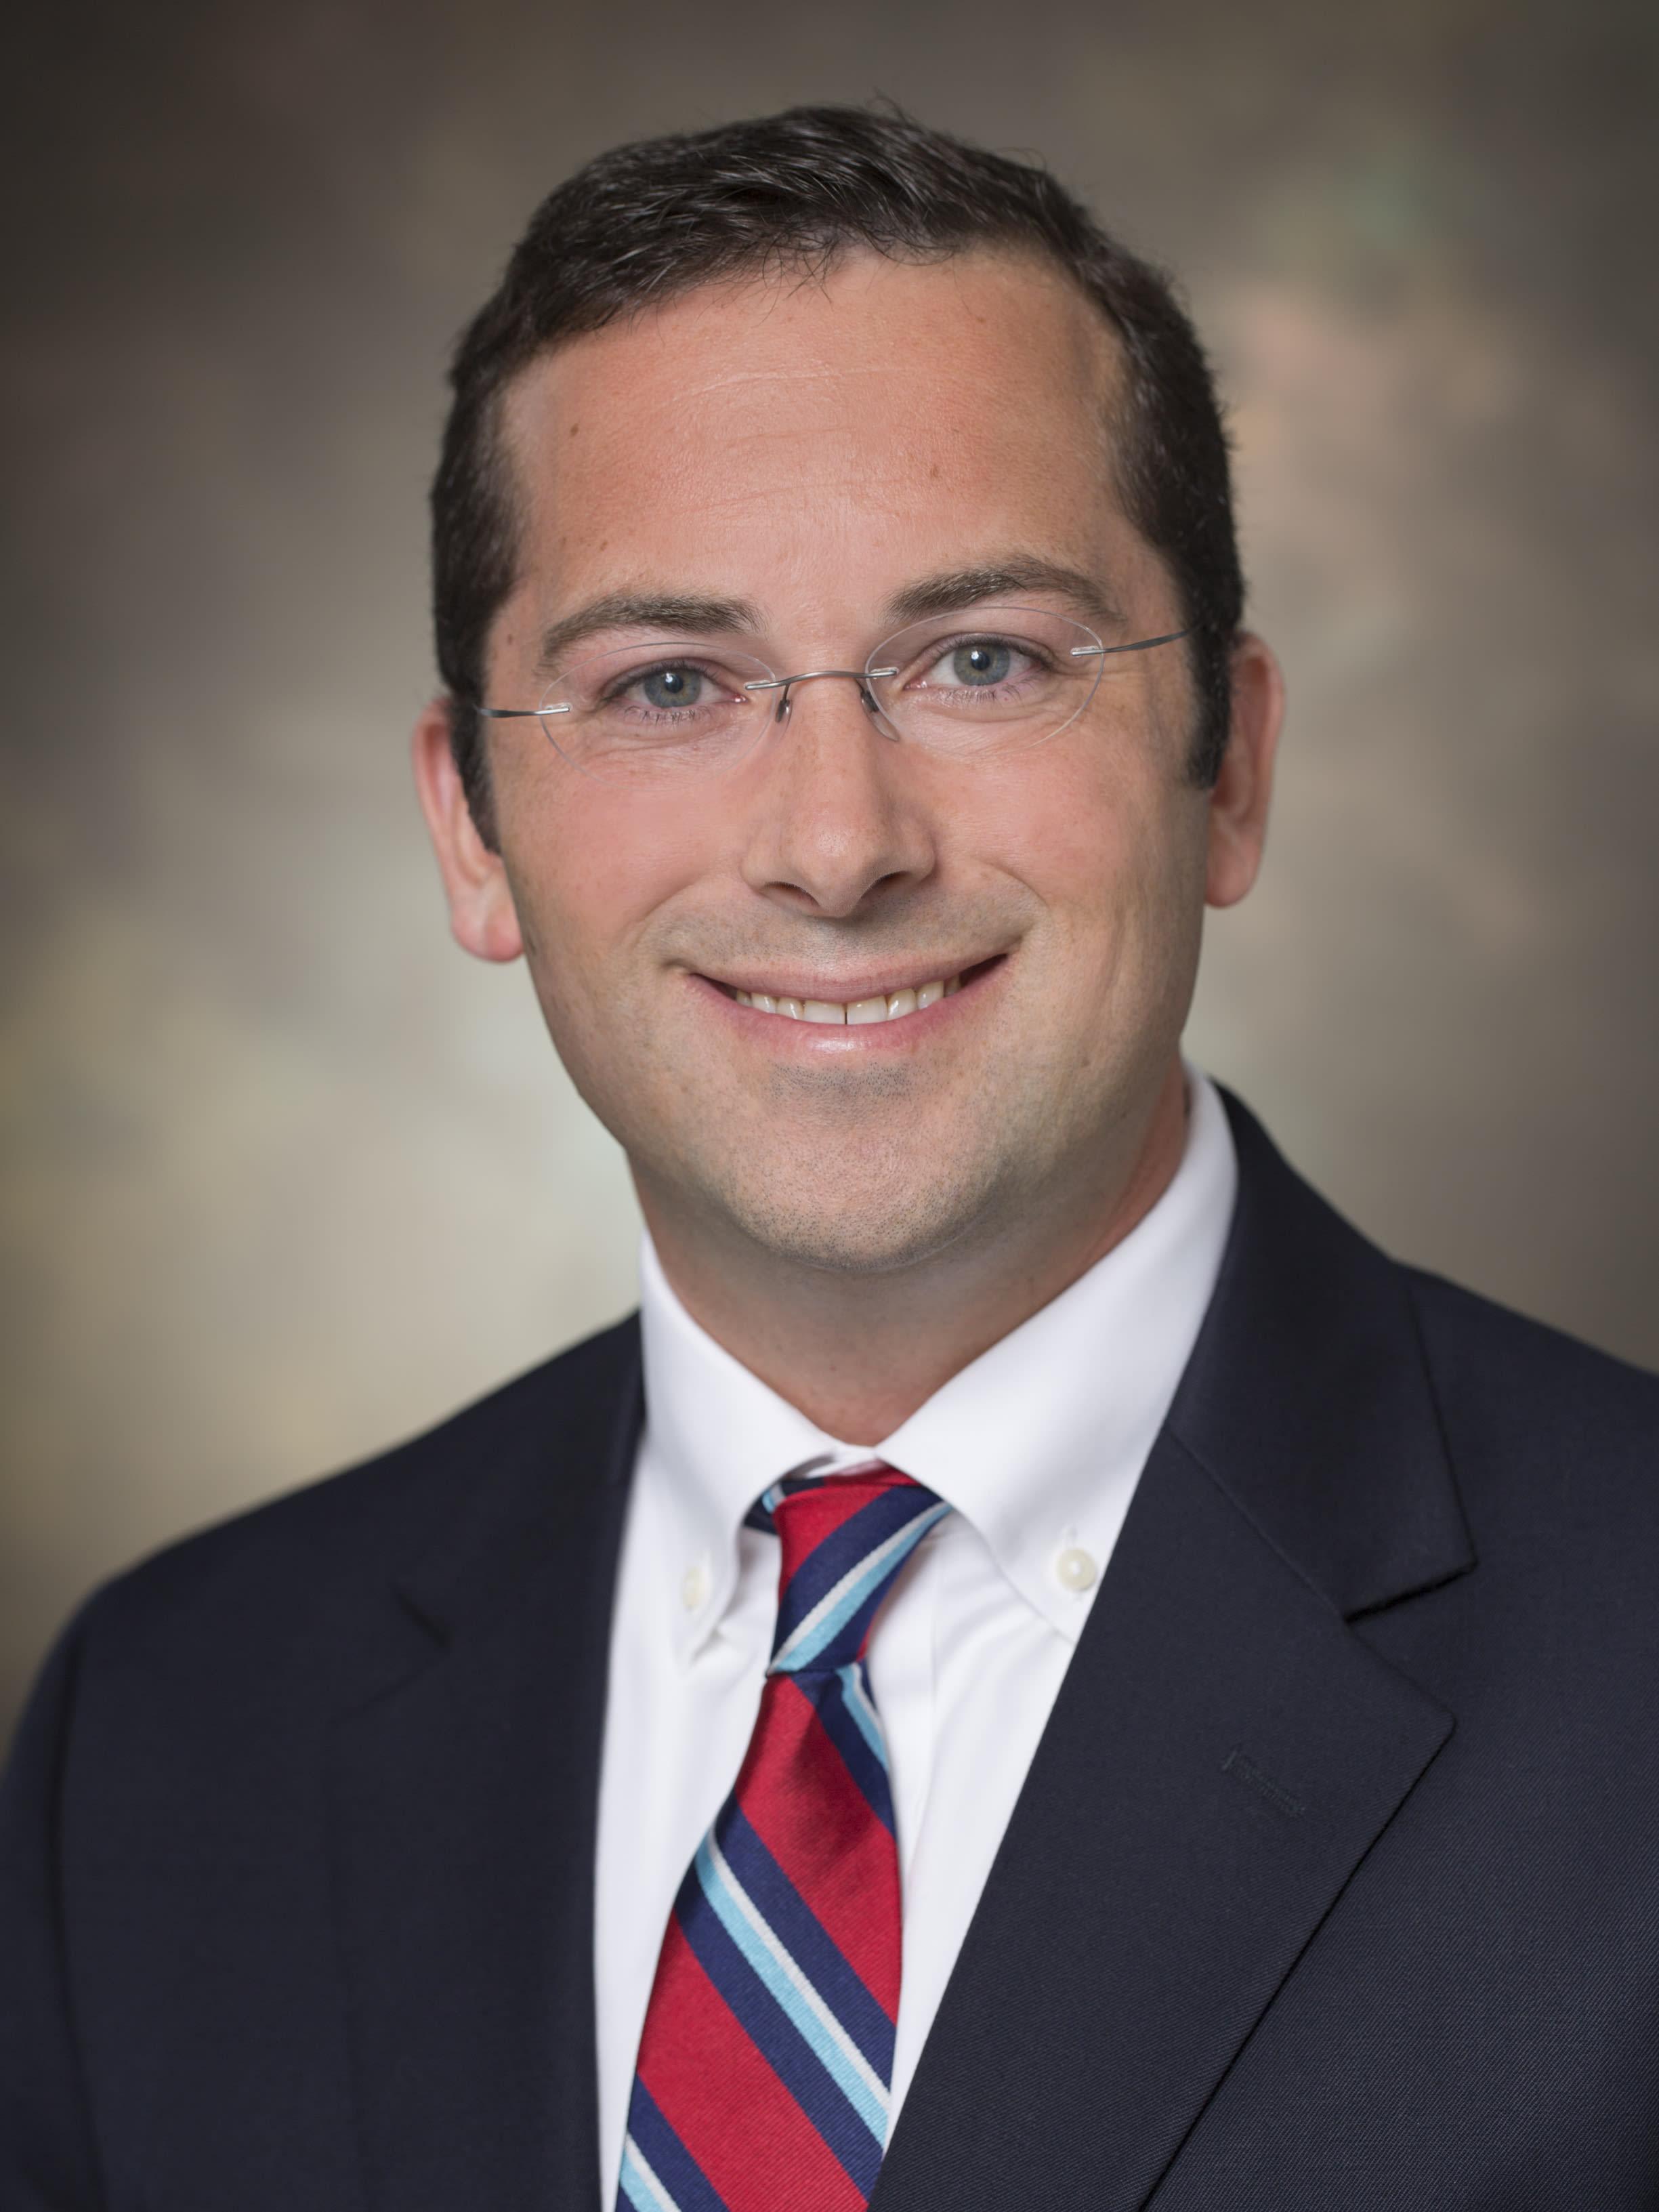 Daniel S. Kellner